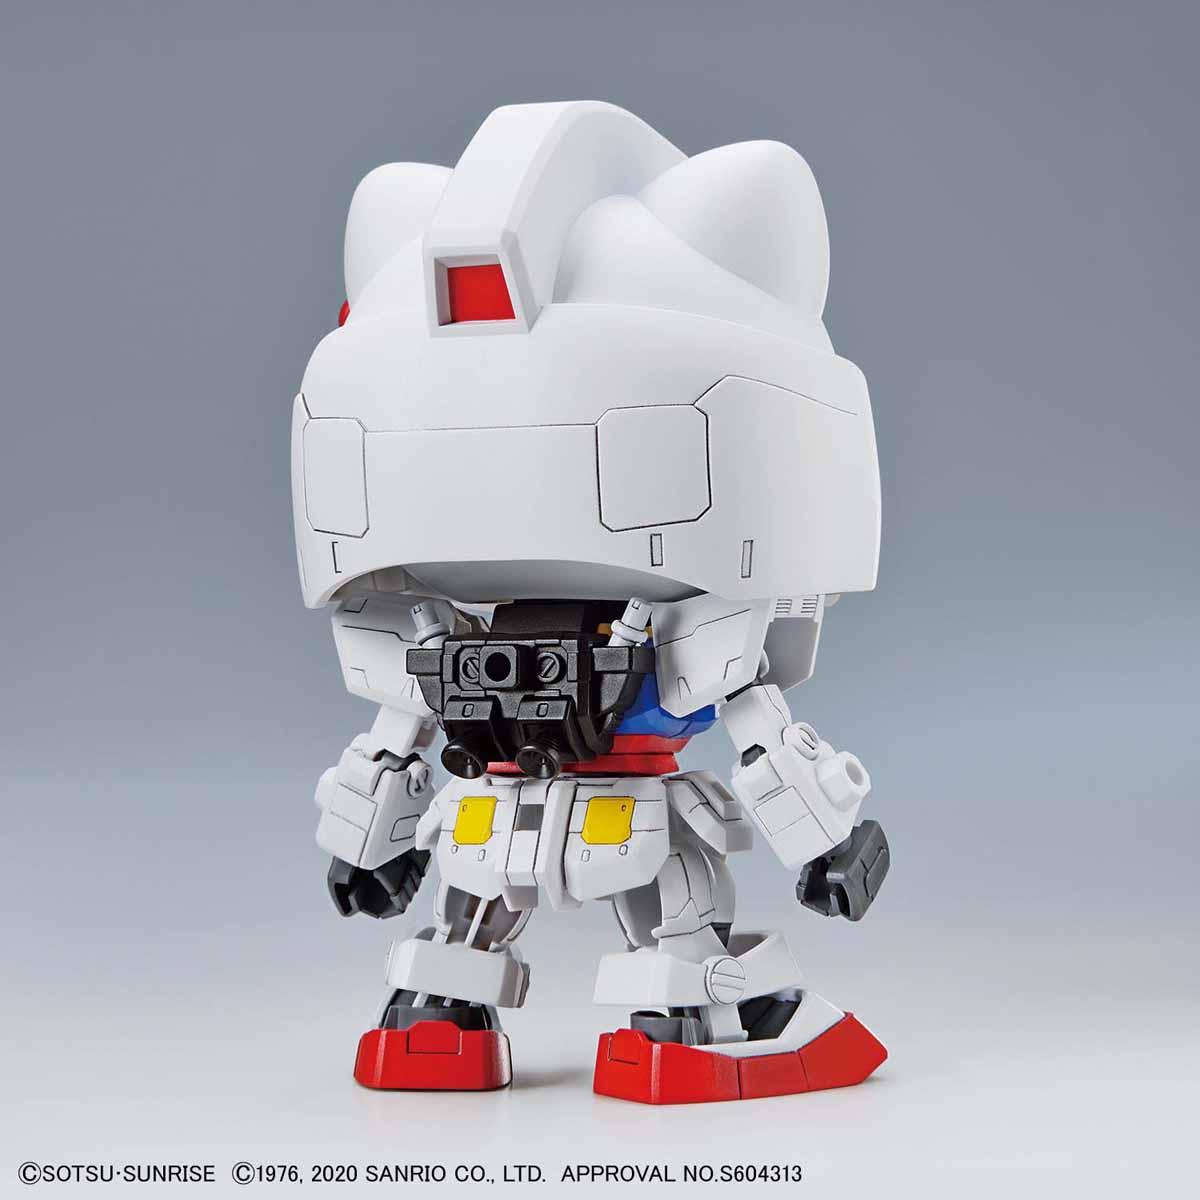 【再販】SDエクスタンダード『ハローキティ / RX-78-2 ガンダム[SD EX-STANDARD]』プラモデル-007